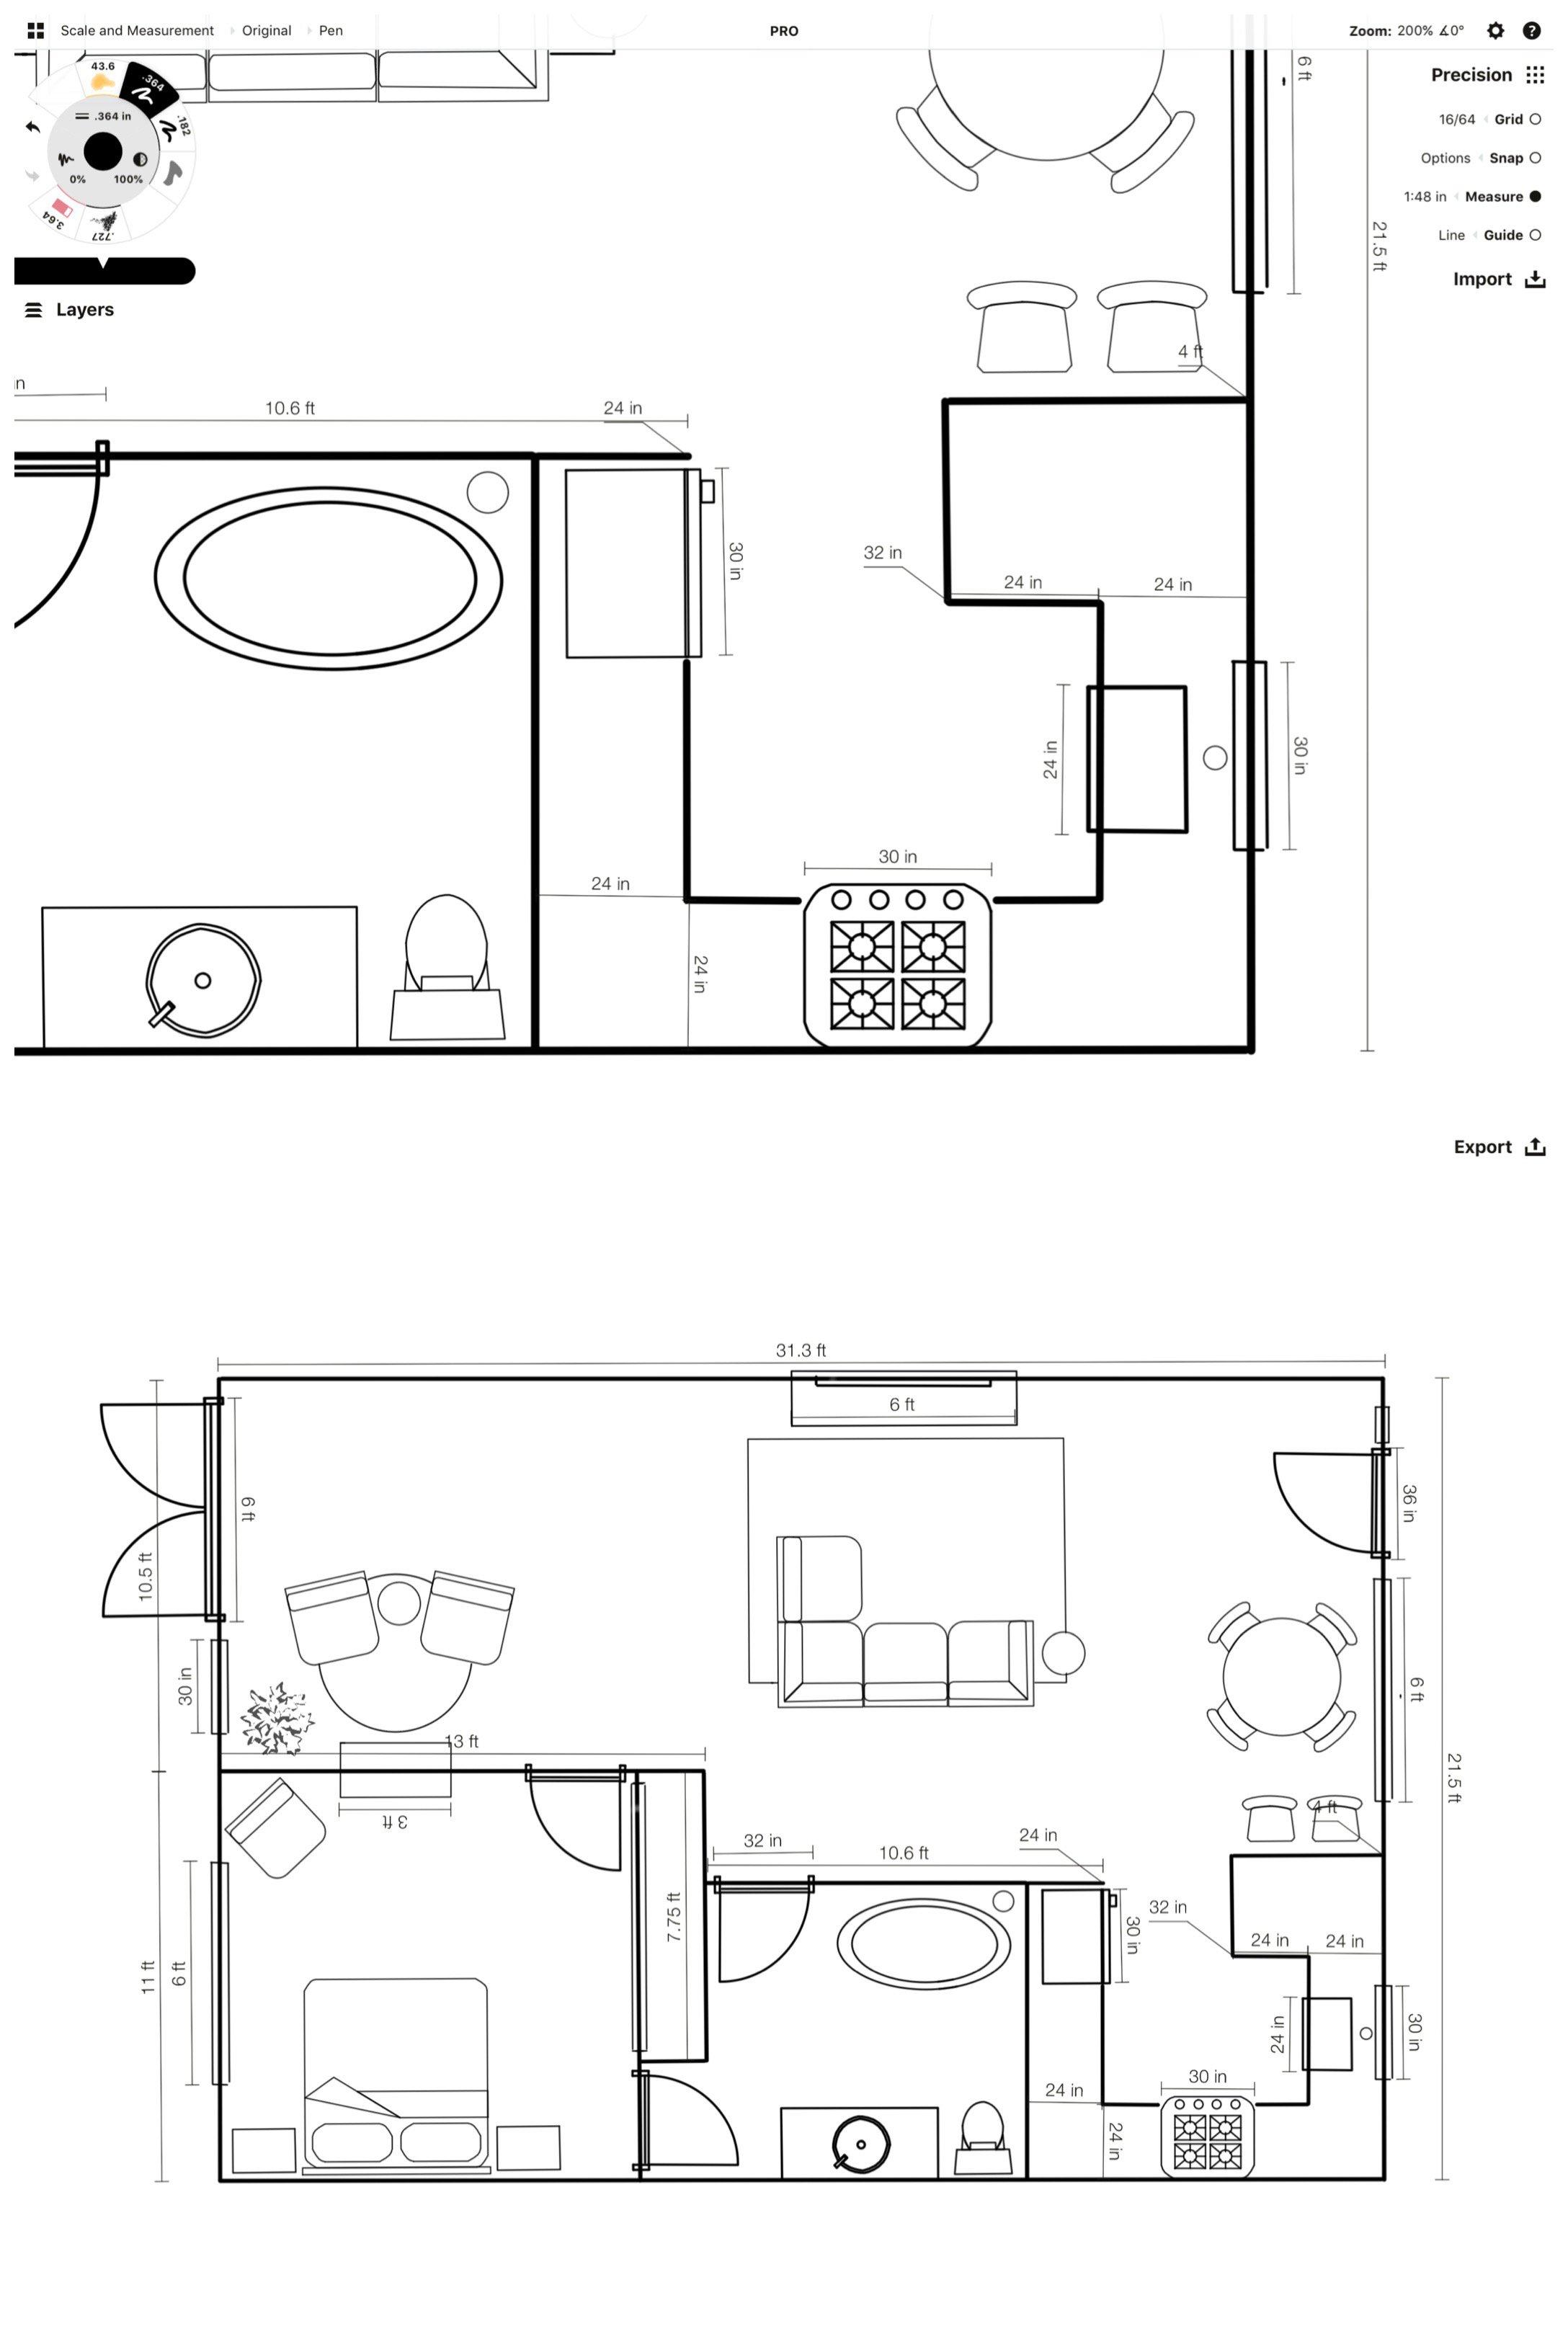 floorplan_floatingmeasurements.JPG